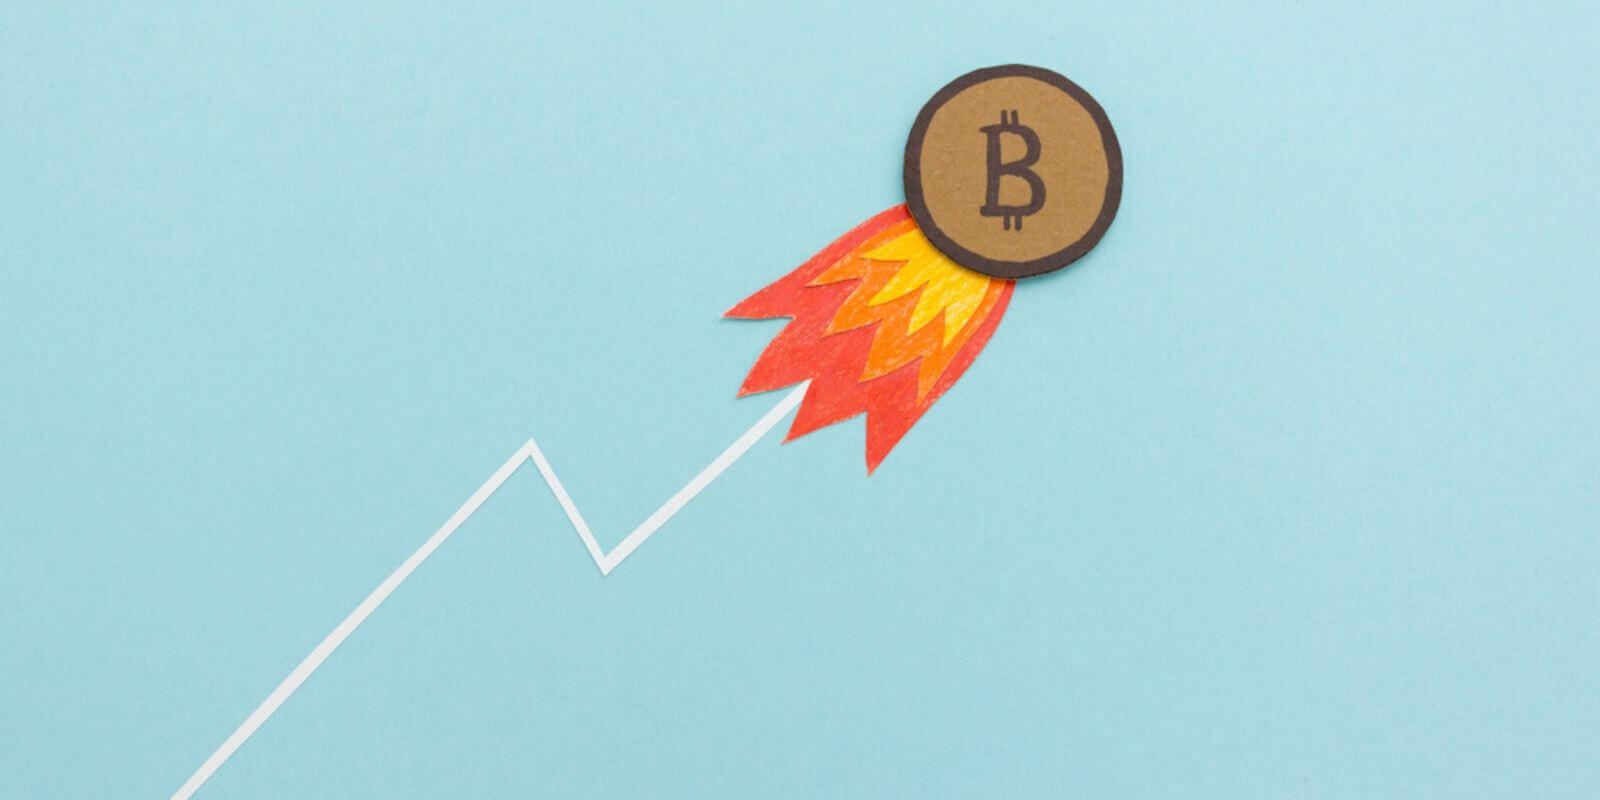 Rapport de Kraken: le BTC pourrait exploser jusqu'à 350 000 dollars